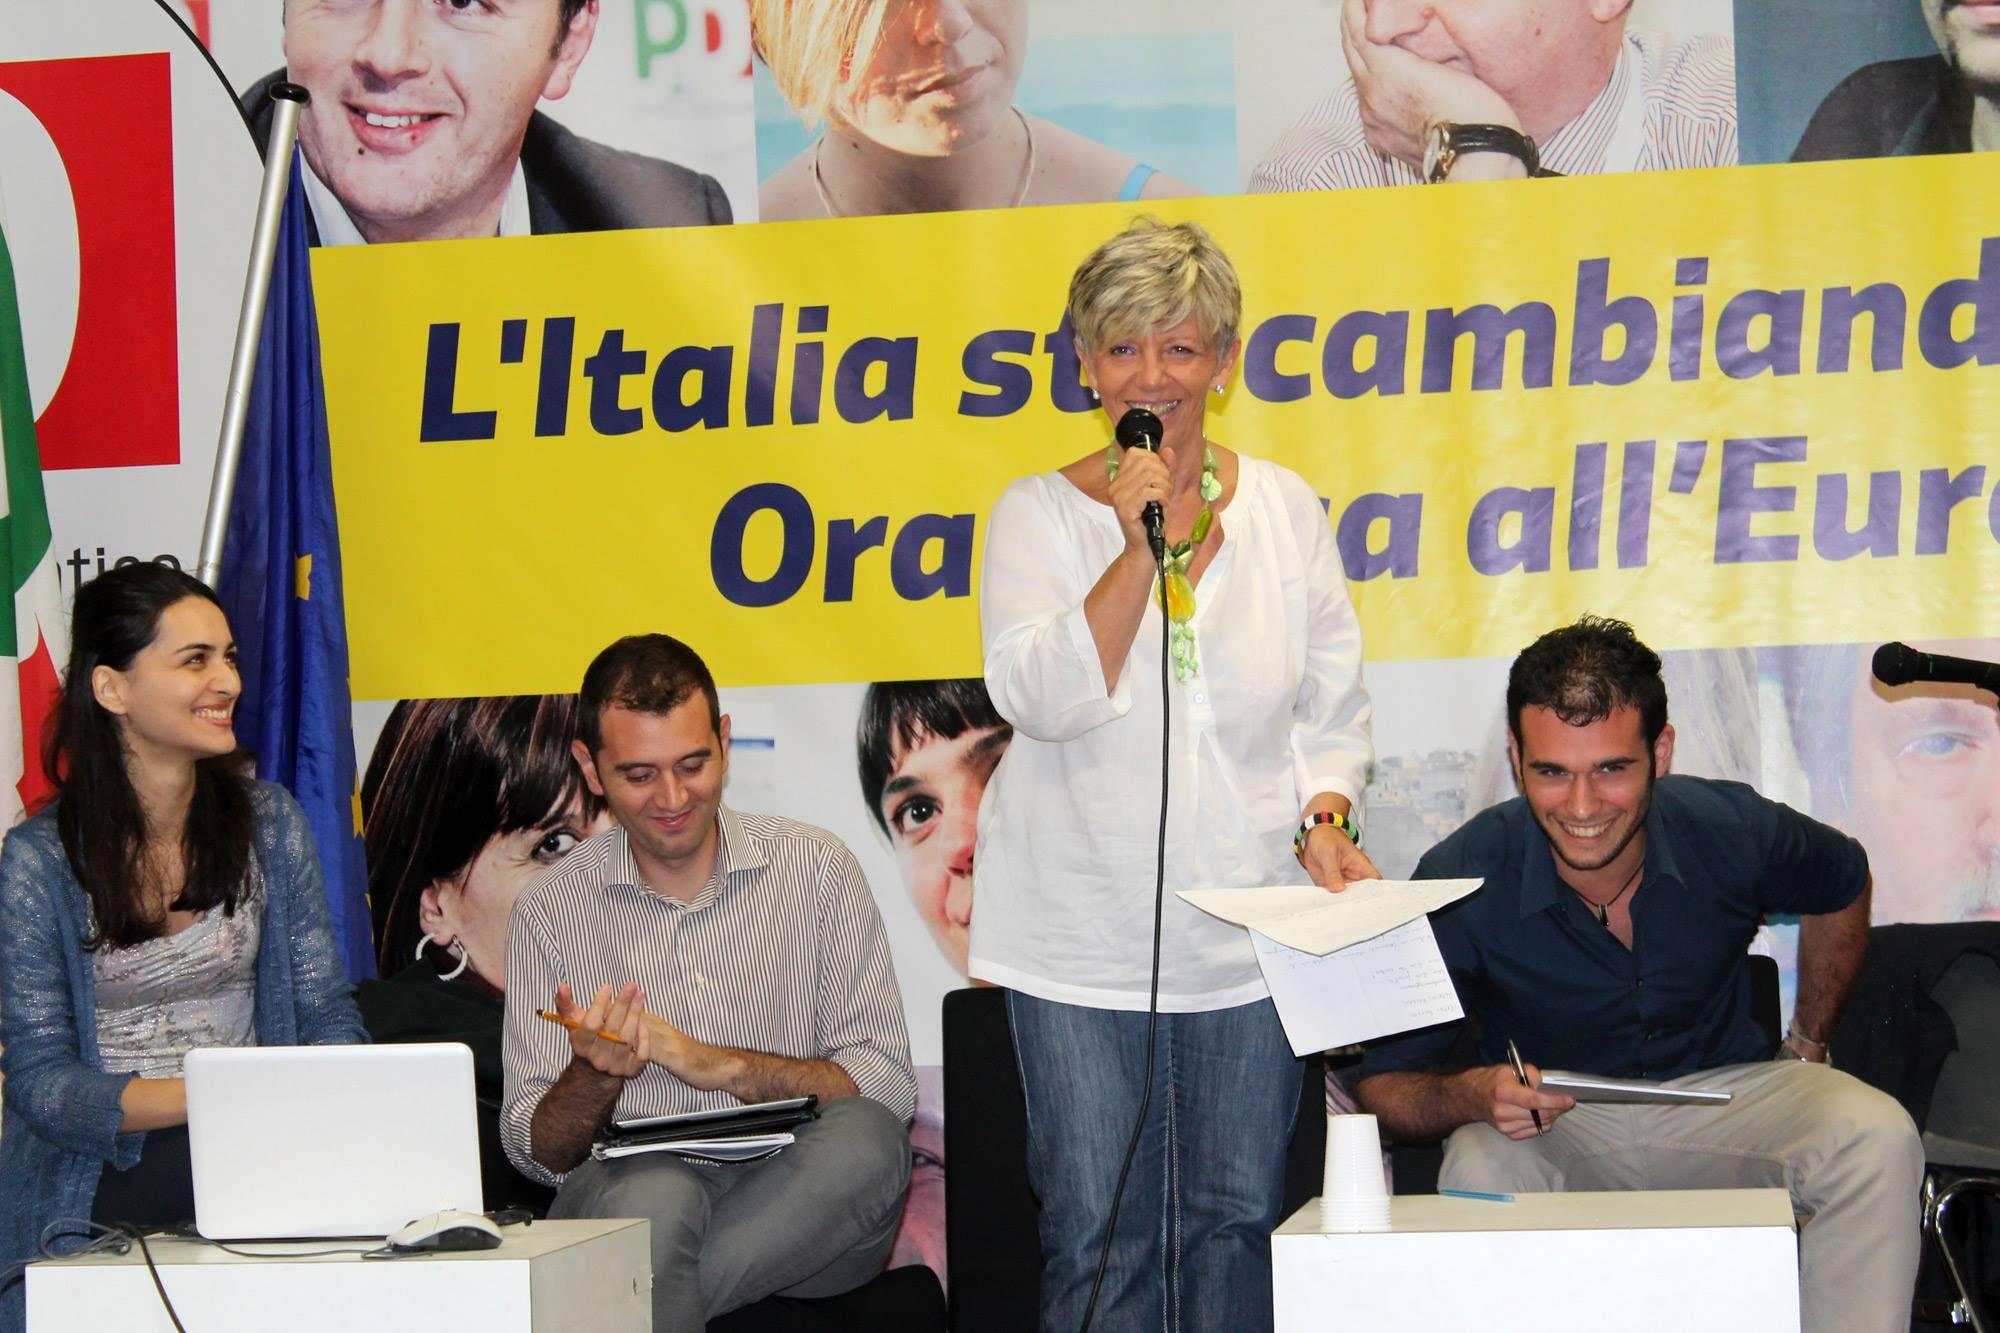 Loretta-Fiorentini PD